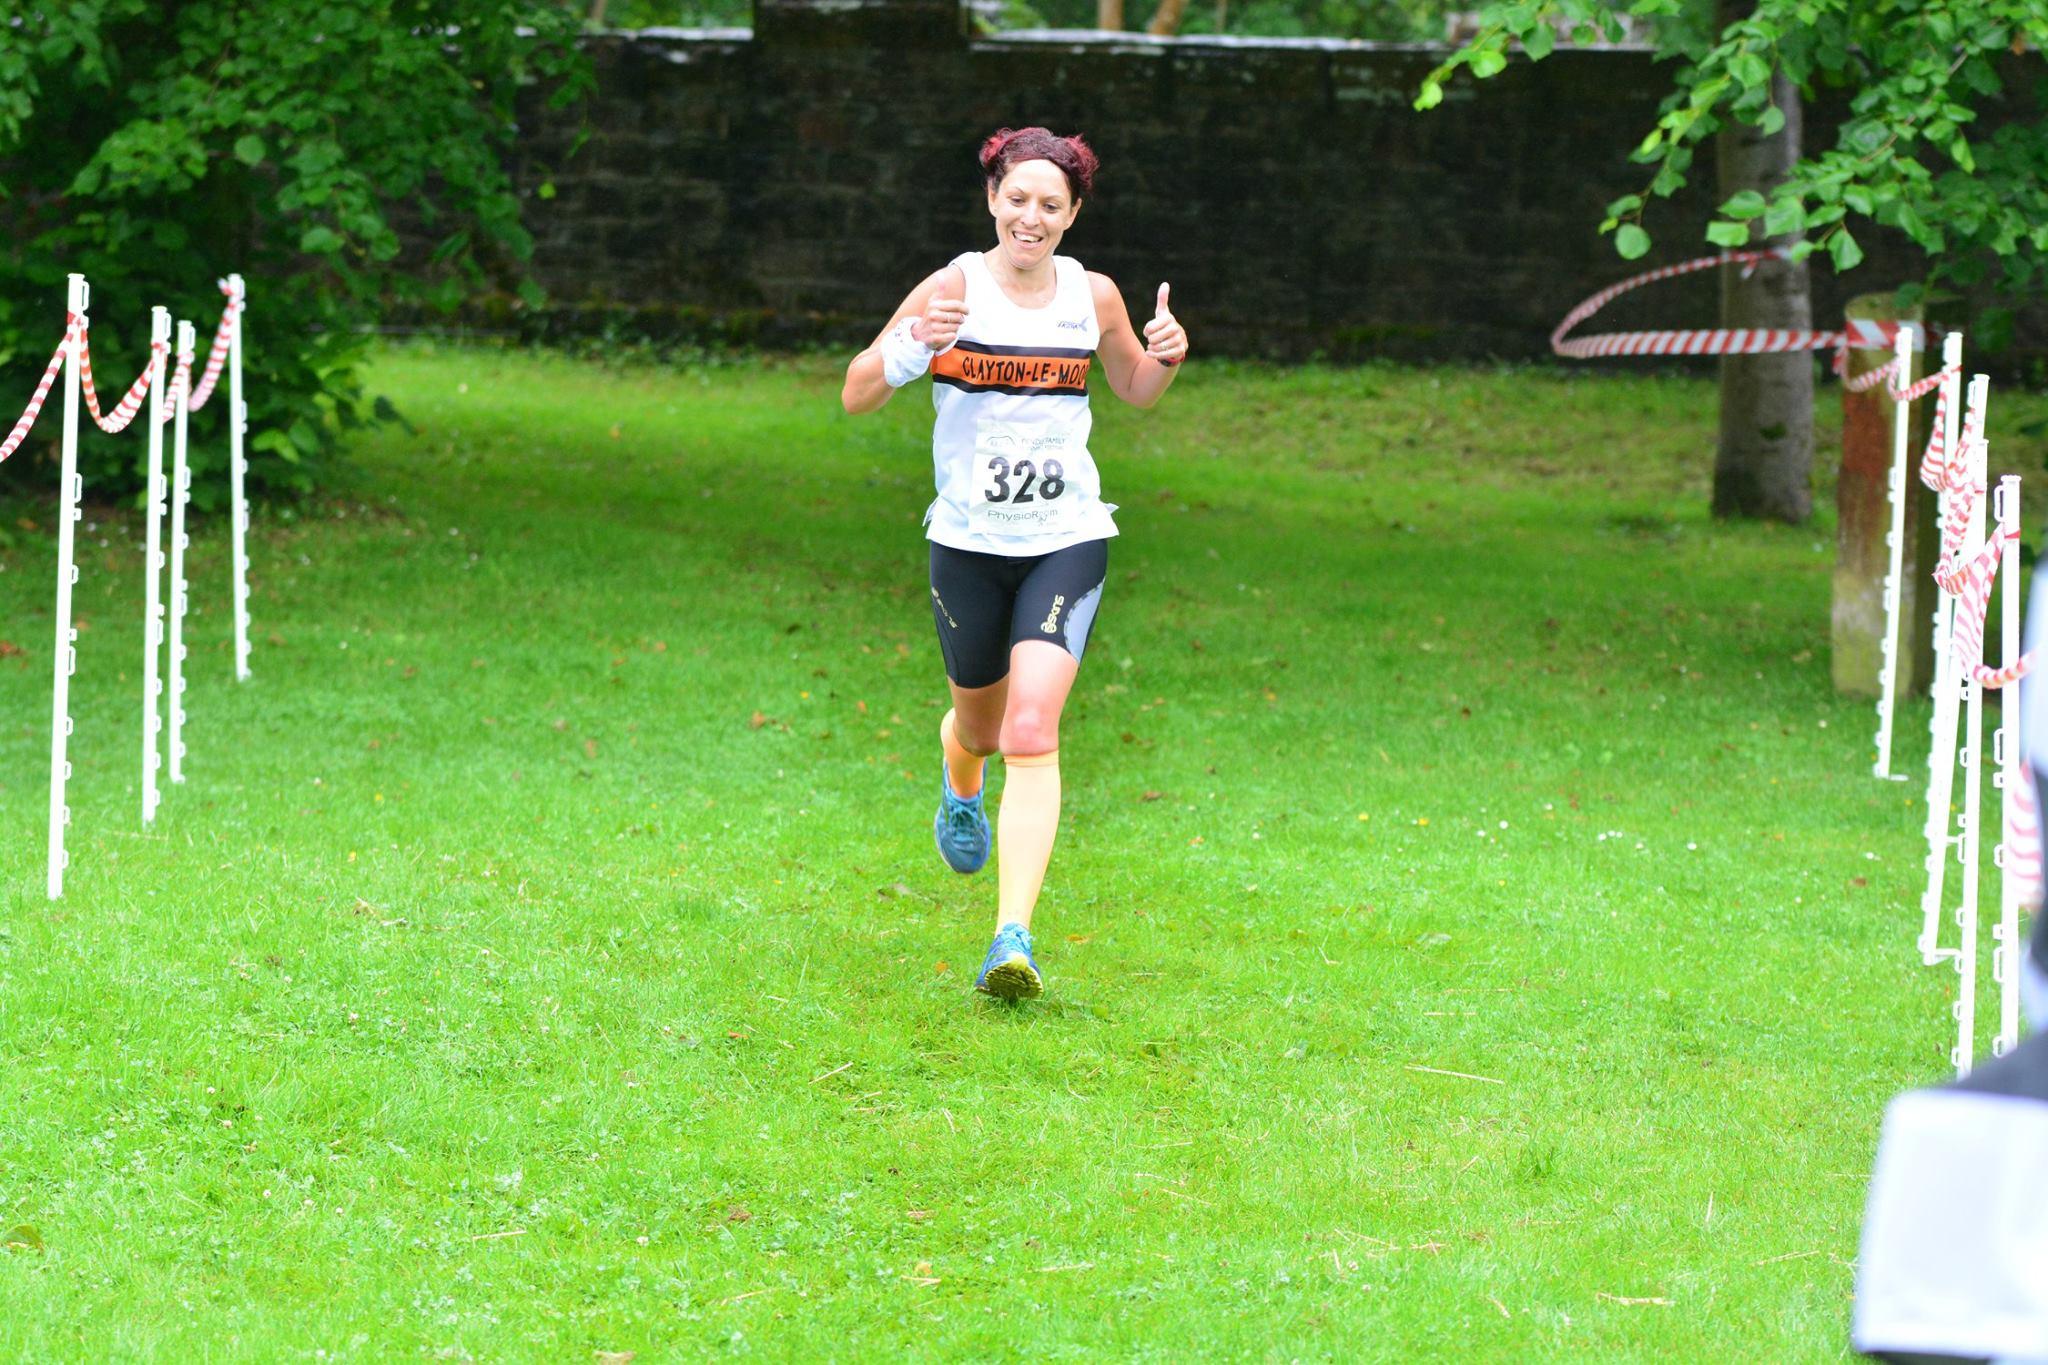 Donna Airey finishing. Photo: David Belshaw